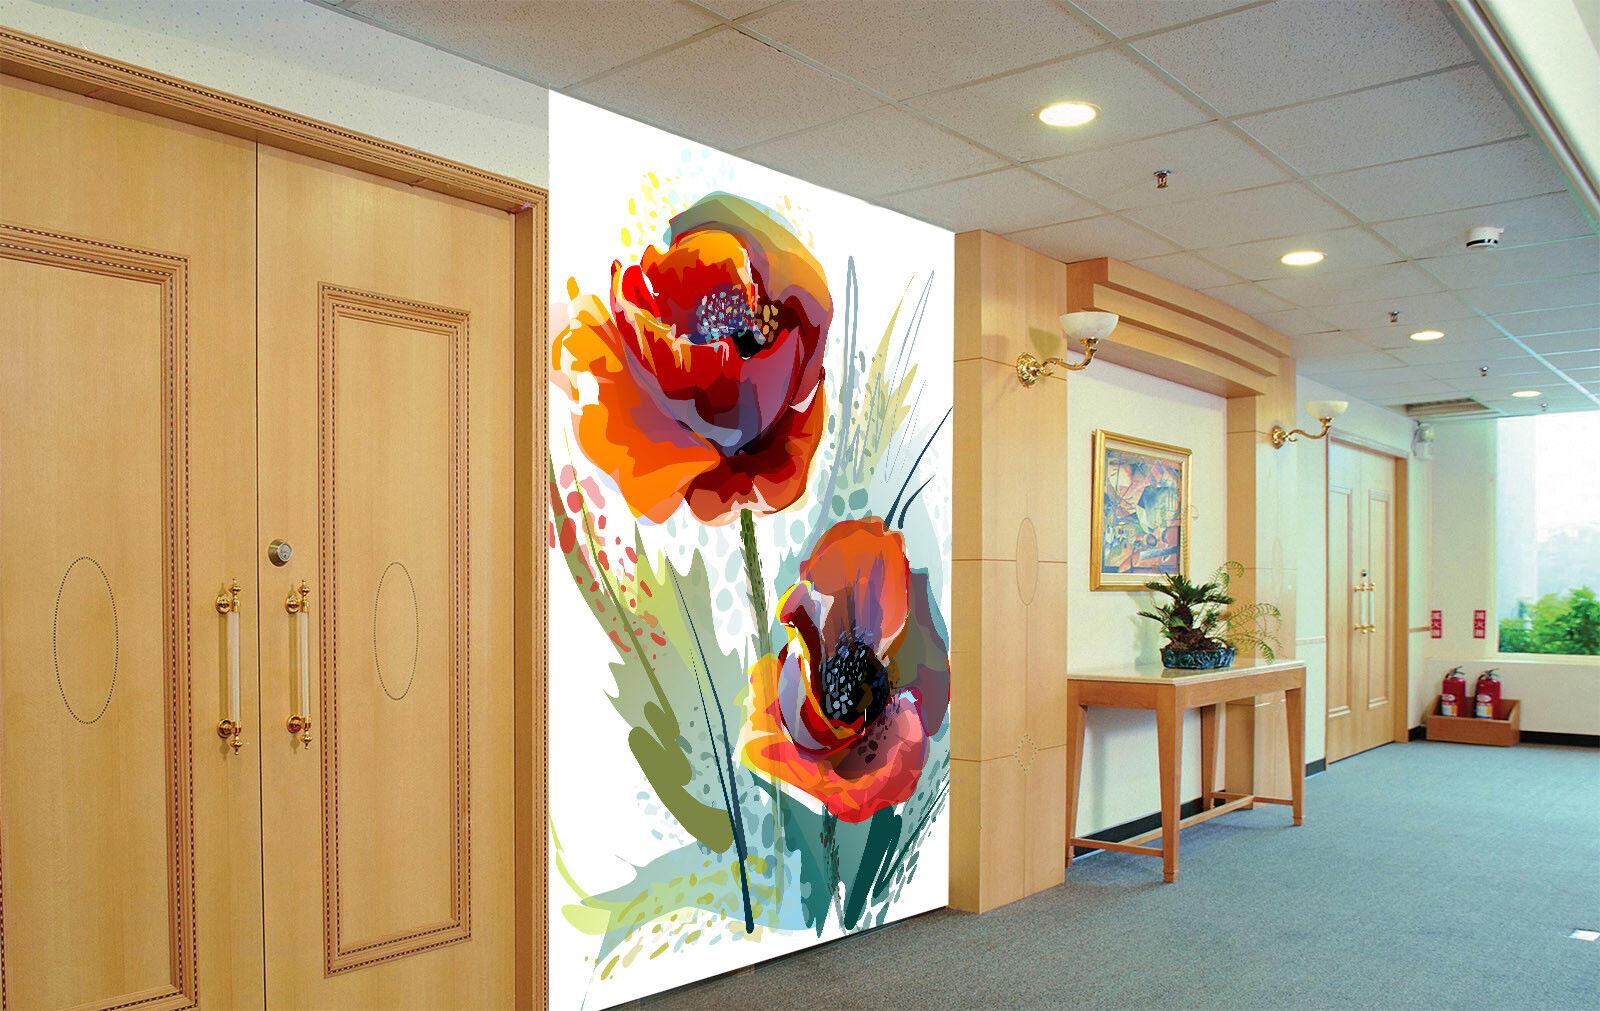 3D Aquarell Rosa 854 Tapete Tapete Tapete Wandgemälde Tapete Tapeten Bild Familie DE Summer   Heißer Verkauf    Deutschland Shop    Online einkaufen  243225